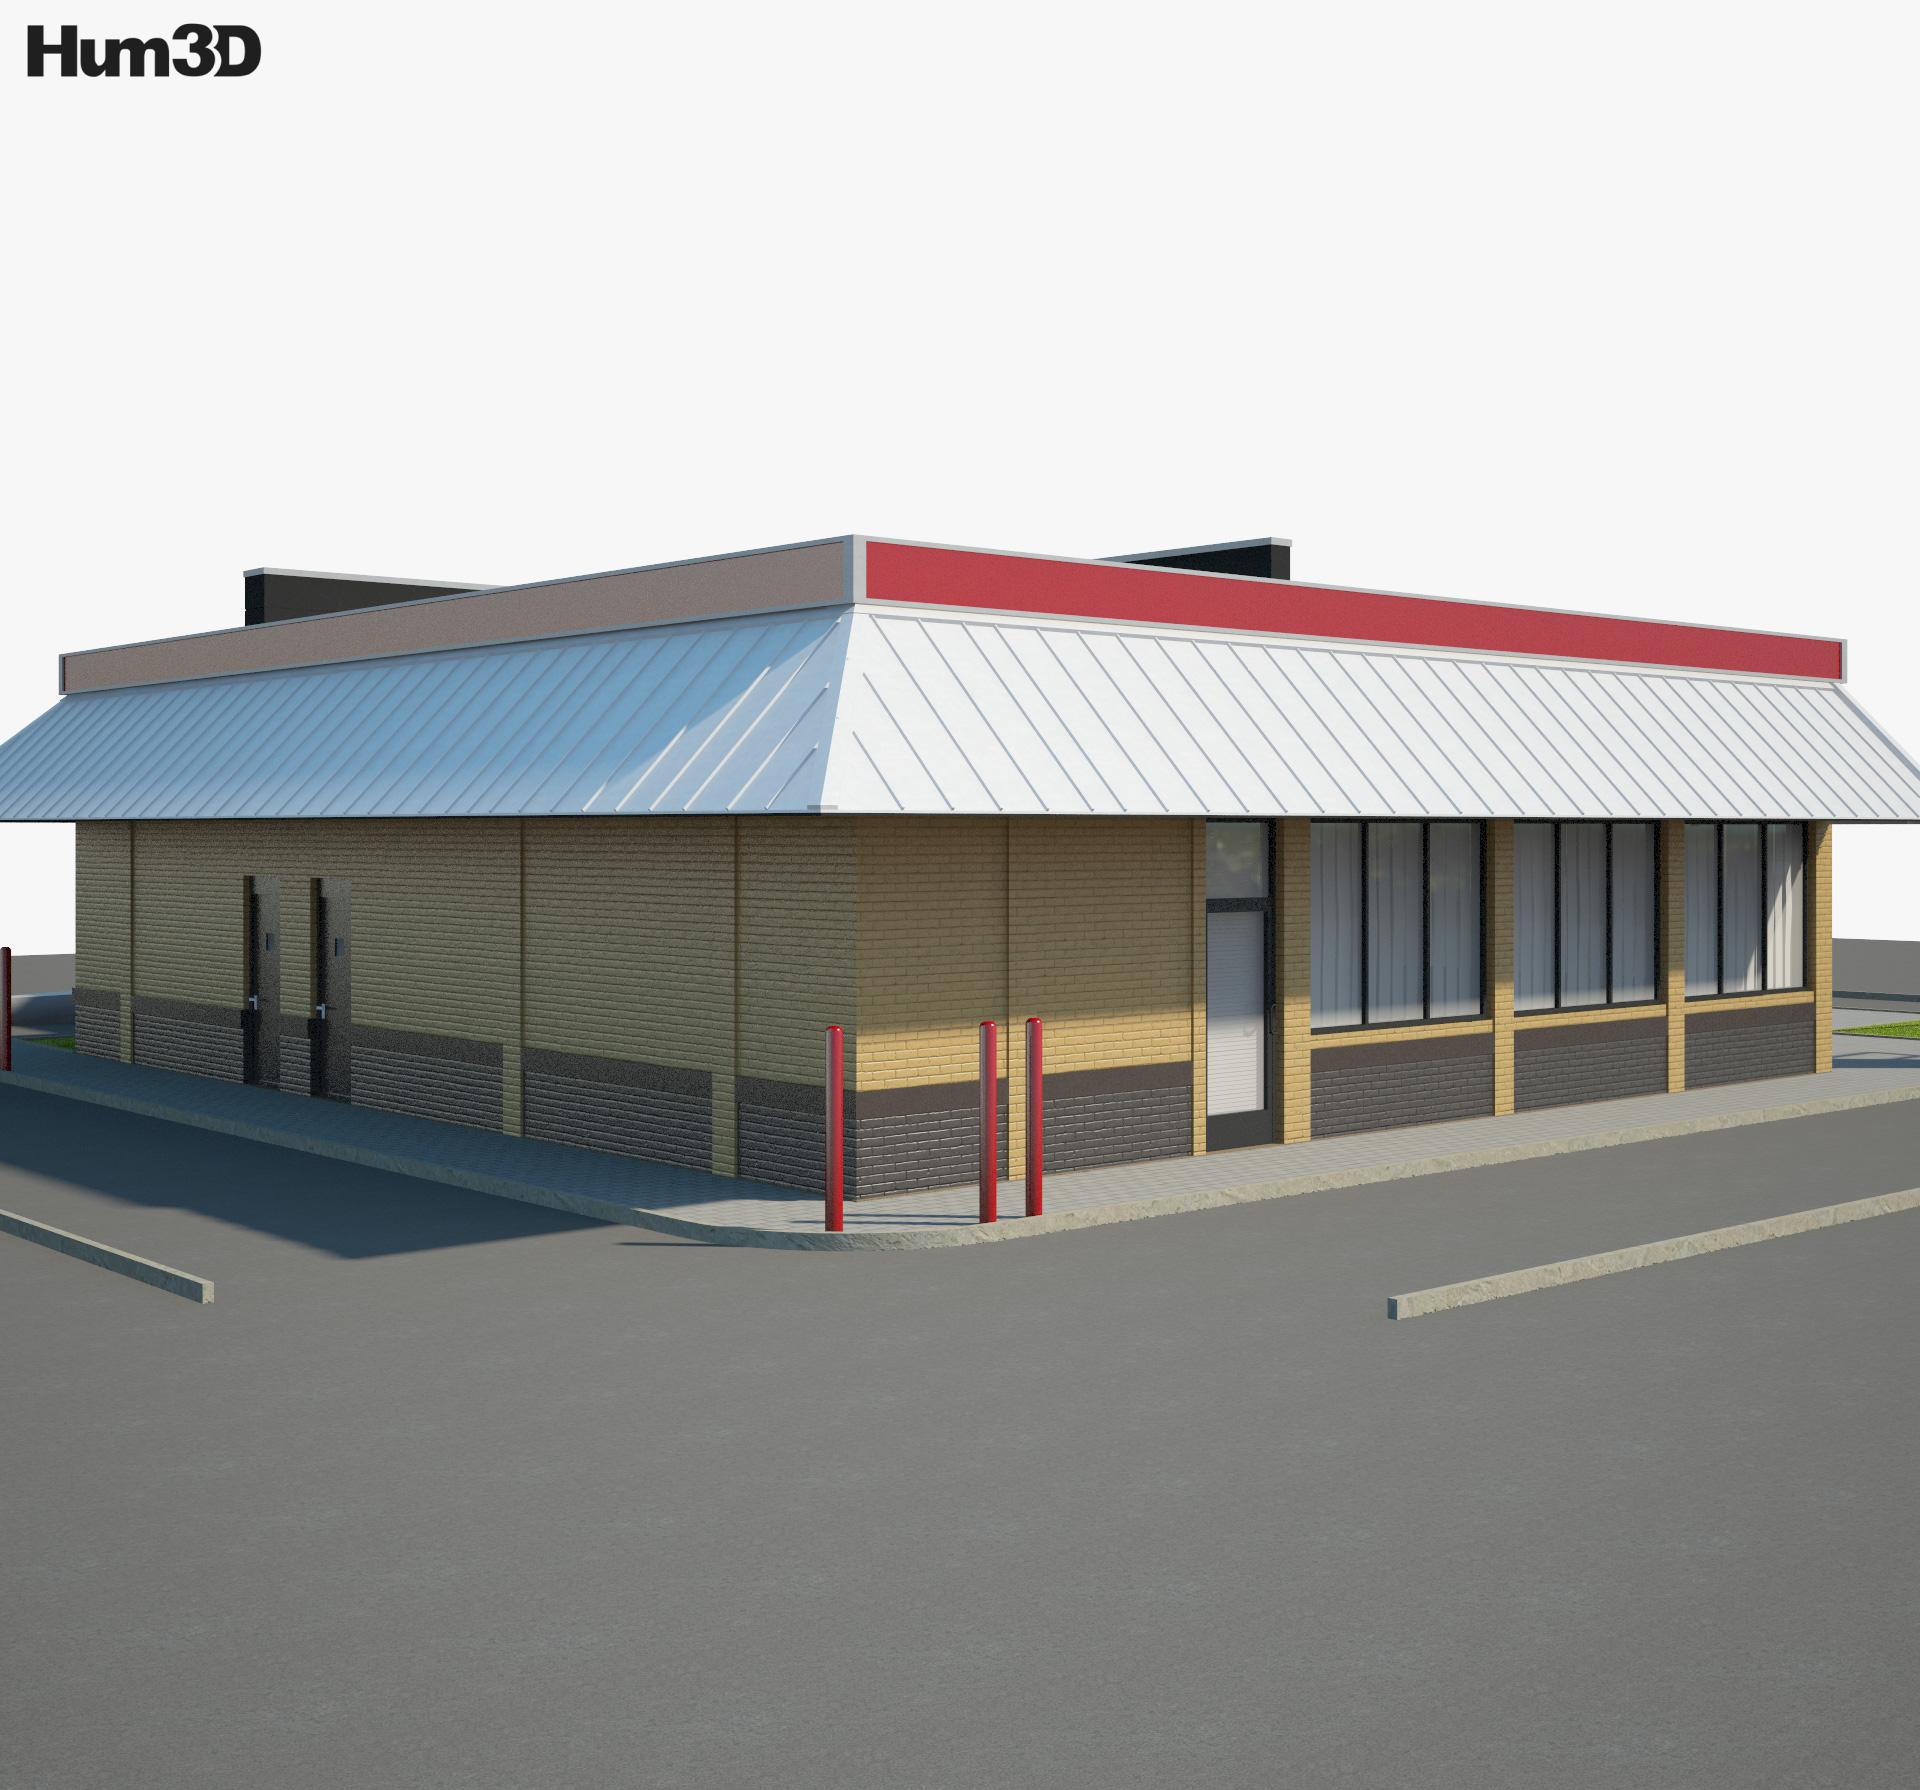 Burger King Restaurant 03 3d model